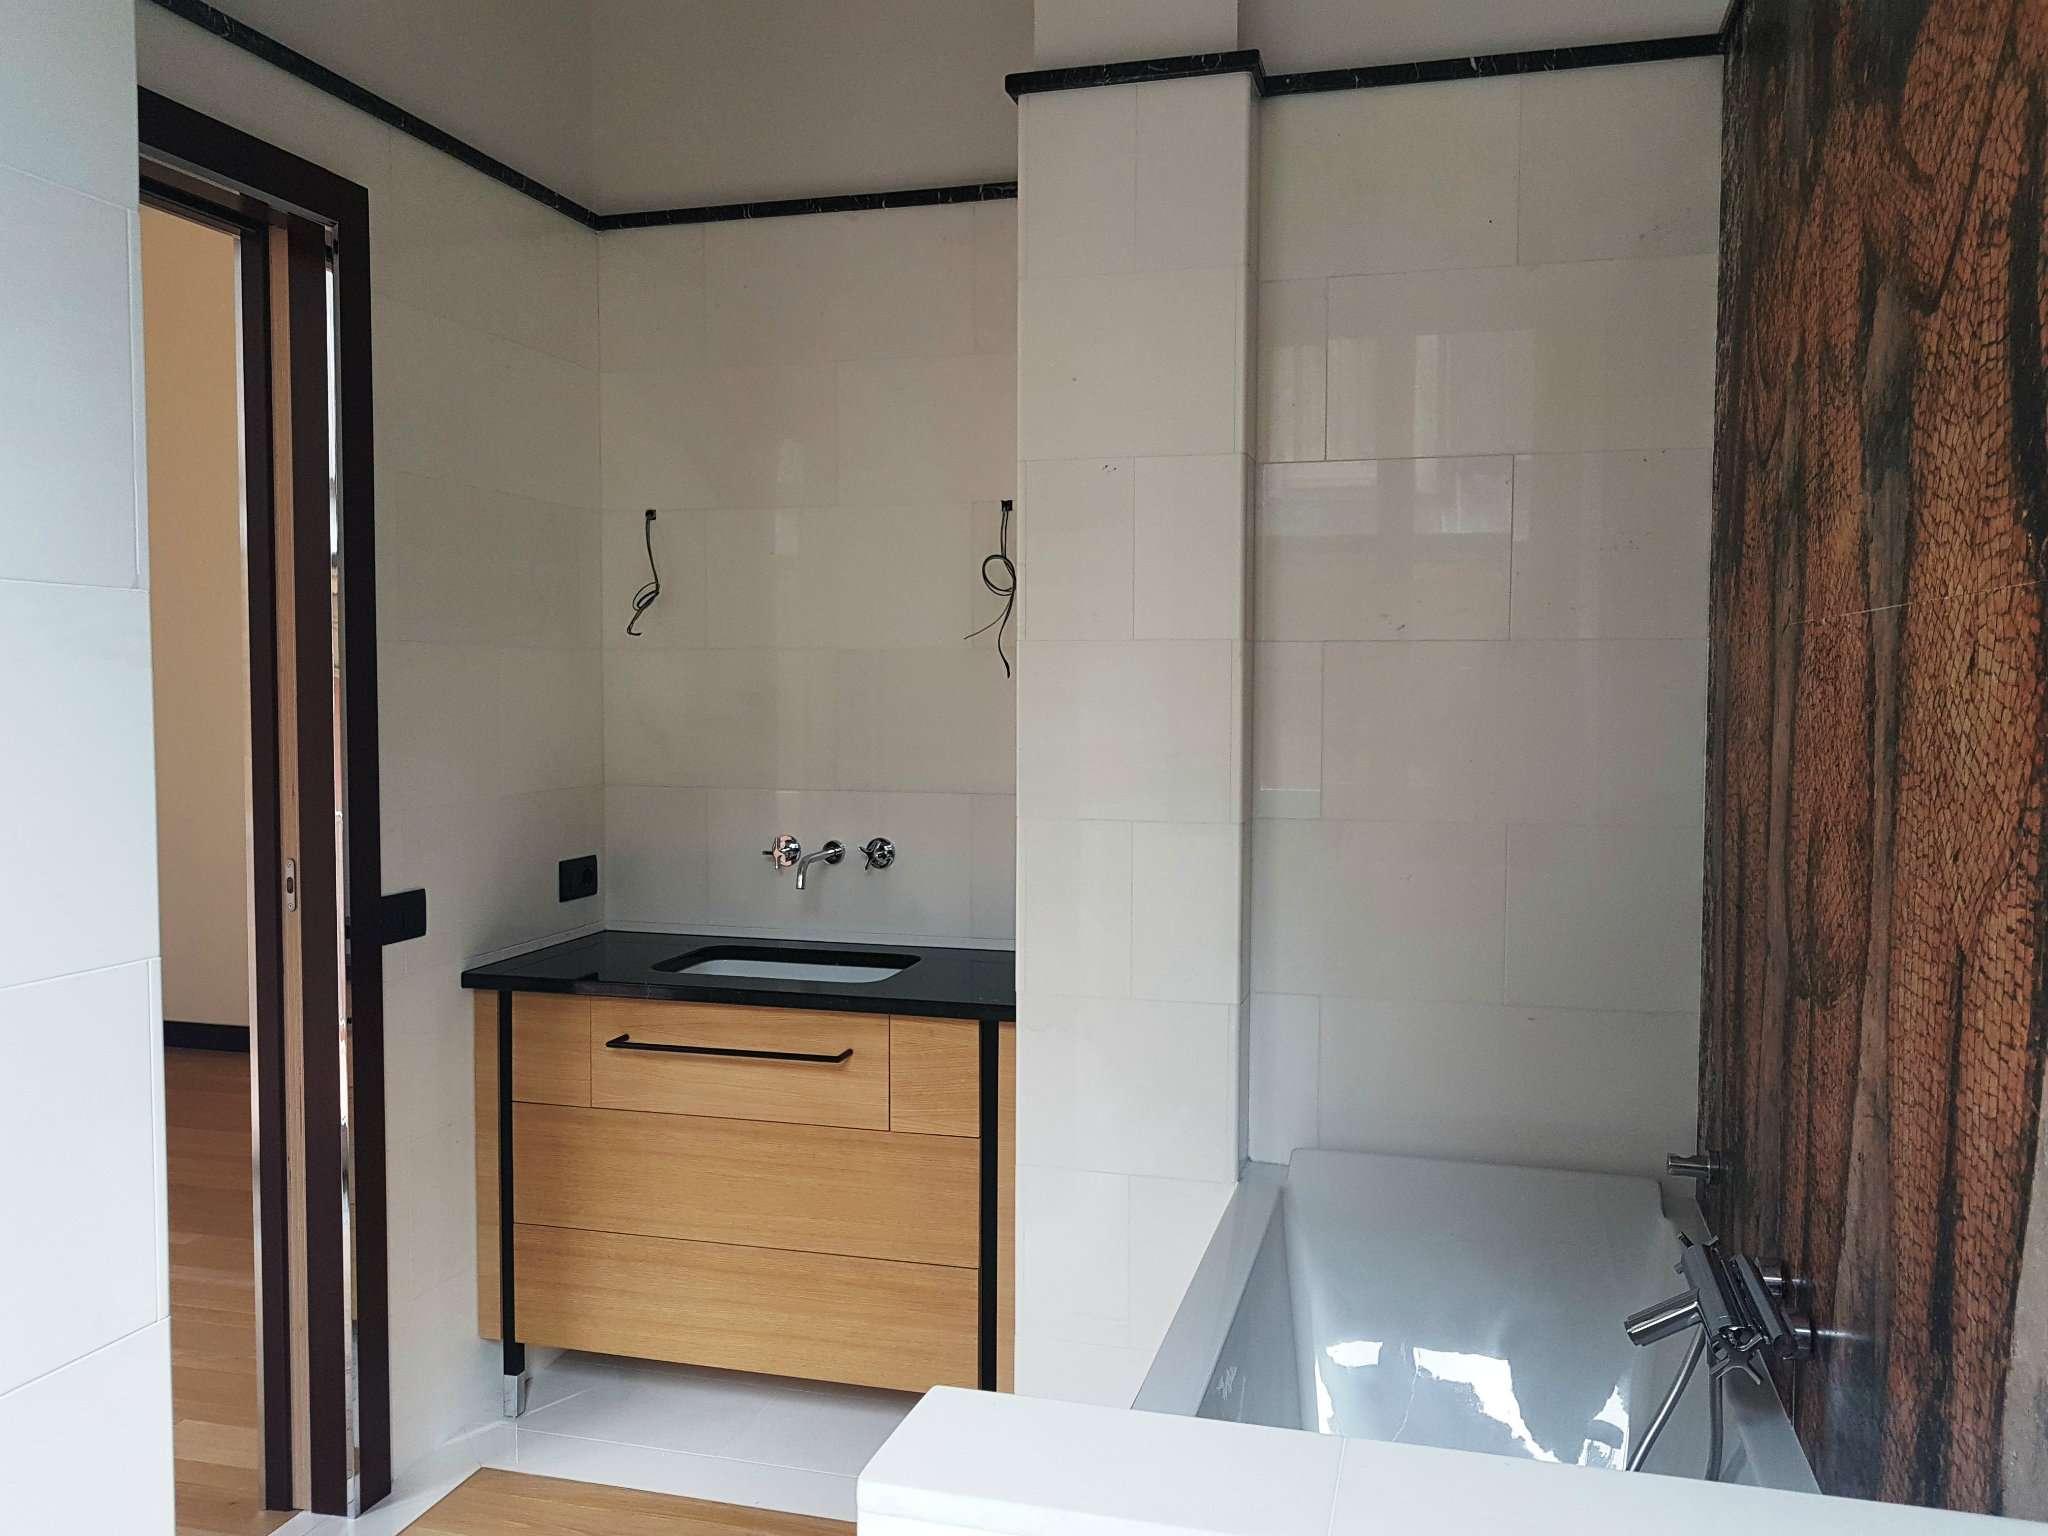 Appartamento in vendita a Milano Via Fatebenefratelli - TrovoCasa.it ...